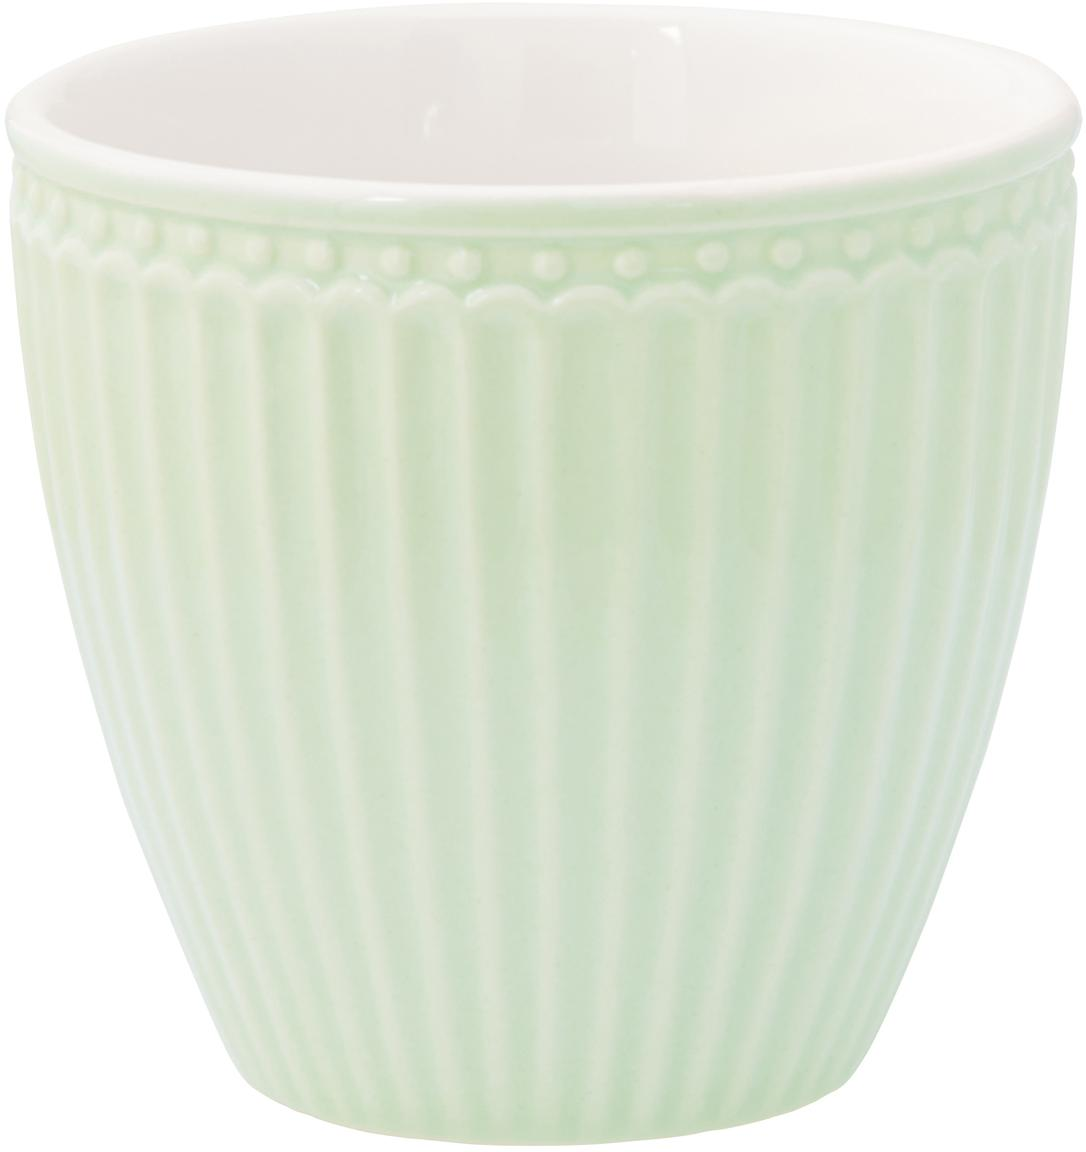 Kubek Alice, 2 szt., Porcelana, Miętowozielony, Ø 10 x W 9 cm